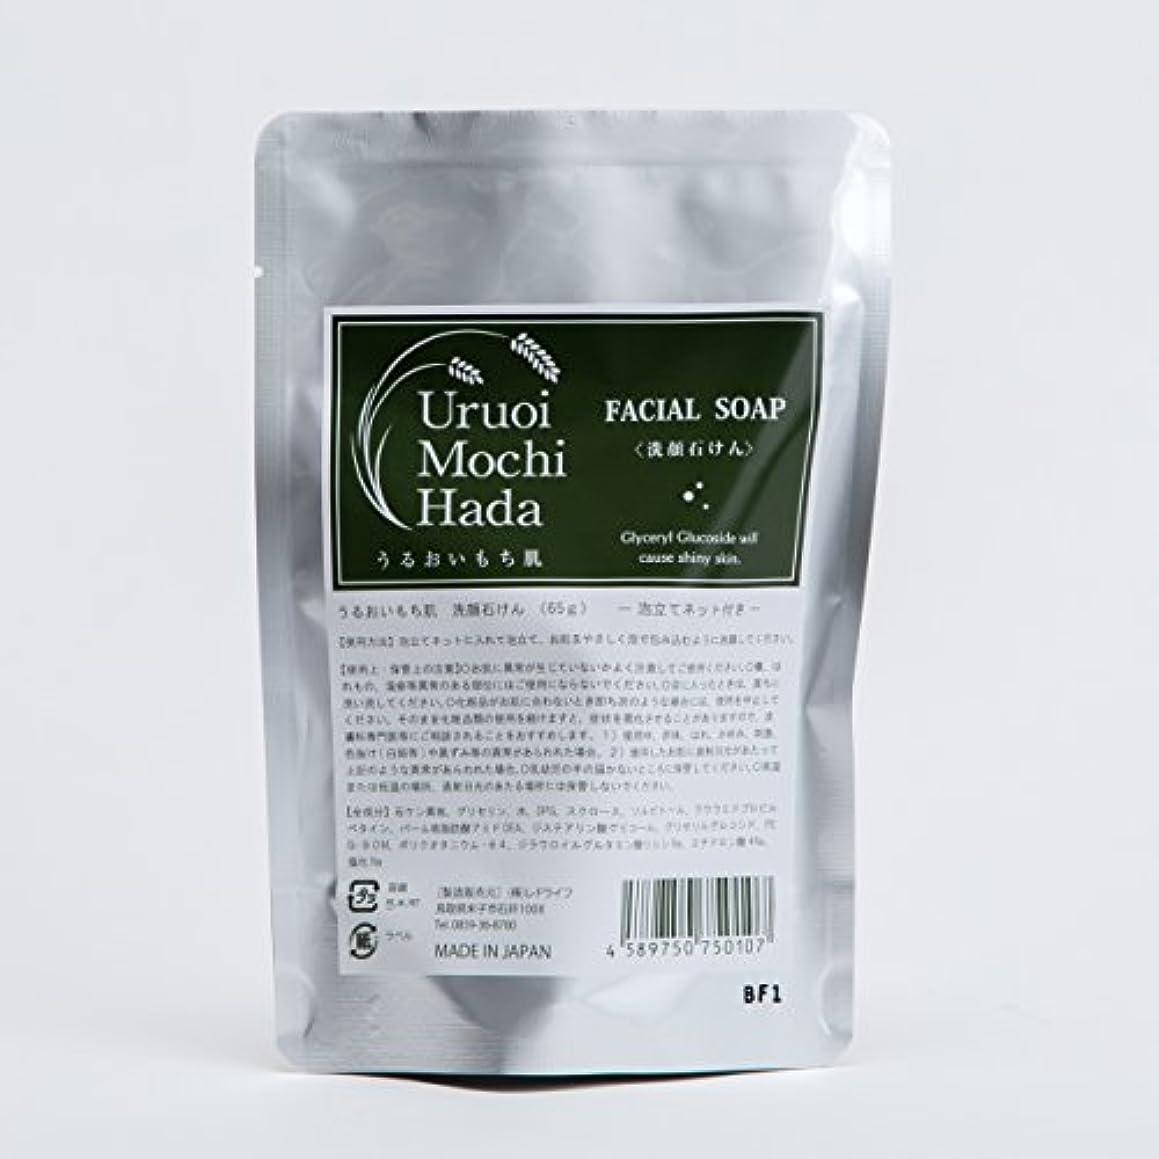 ジャム正当化する邪悪なうるおいもち肌 洗顔石けん(泡立てネット付き) 65g 「日本酒保湿成分(グリセリルグルコシド)配合」「4種の天然成分配合:グリセリン、スクロース、ソルビトール、食塩」「無添加:合成香料、合成着色料、鉱物油、シリコン、酸化防止剤、紫外線吸収剤、防腐剤、アルコール」